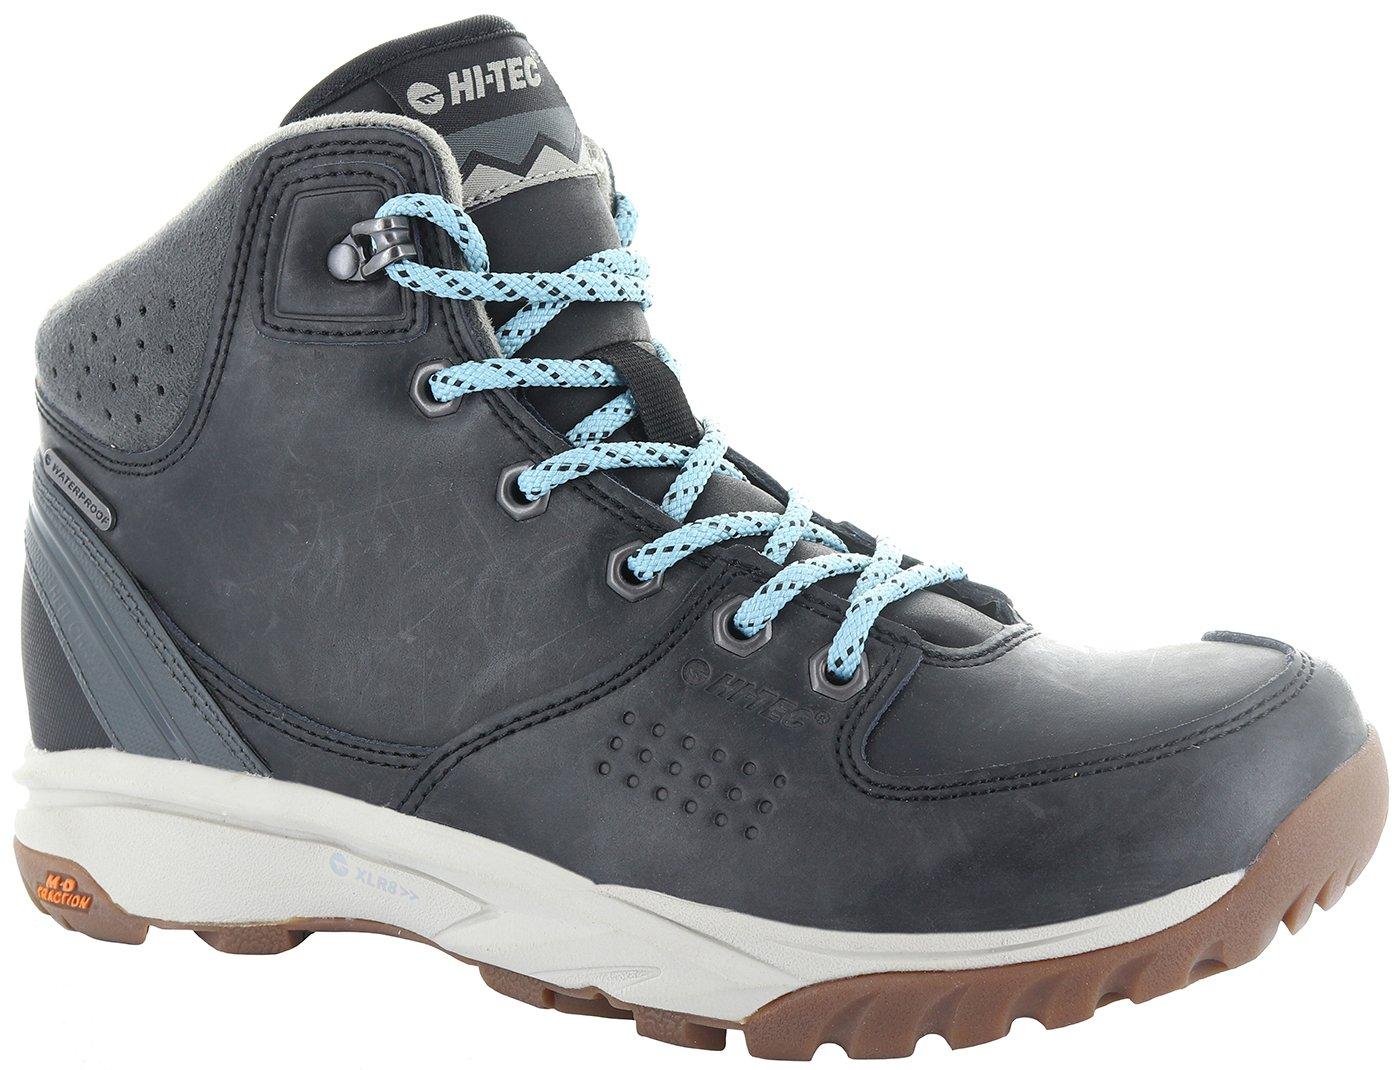 Hi-Tec Women's Wild-Fire Lux I Waterproof Hiking Boot B01N5CBNQ9 7.5 B(M) US|Black